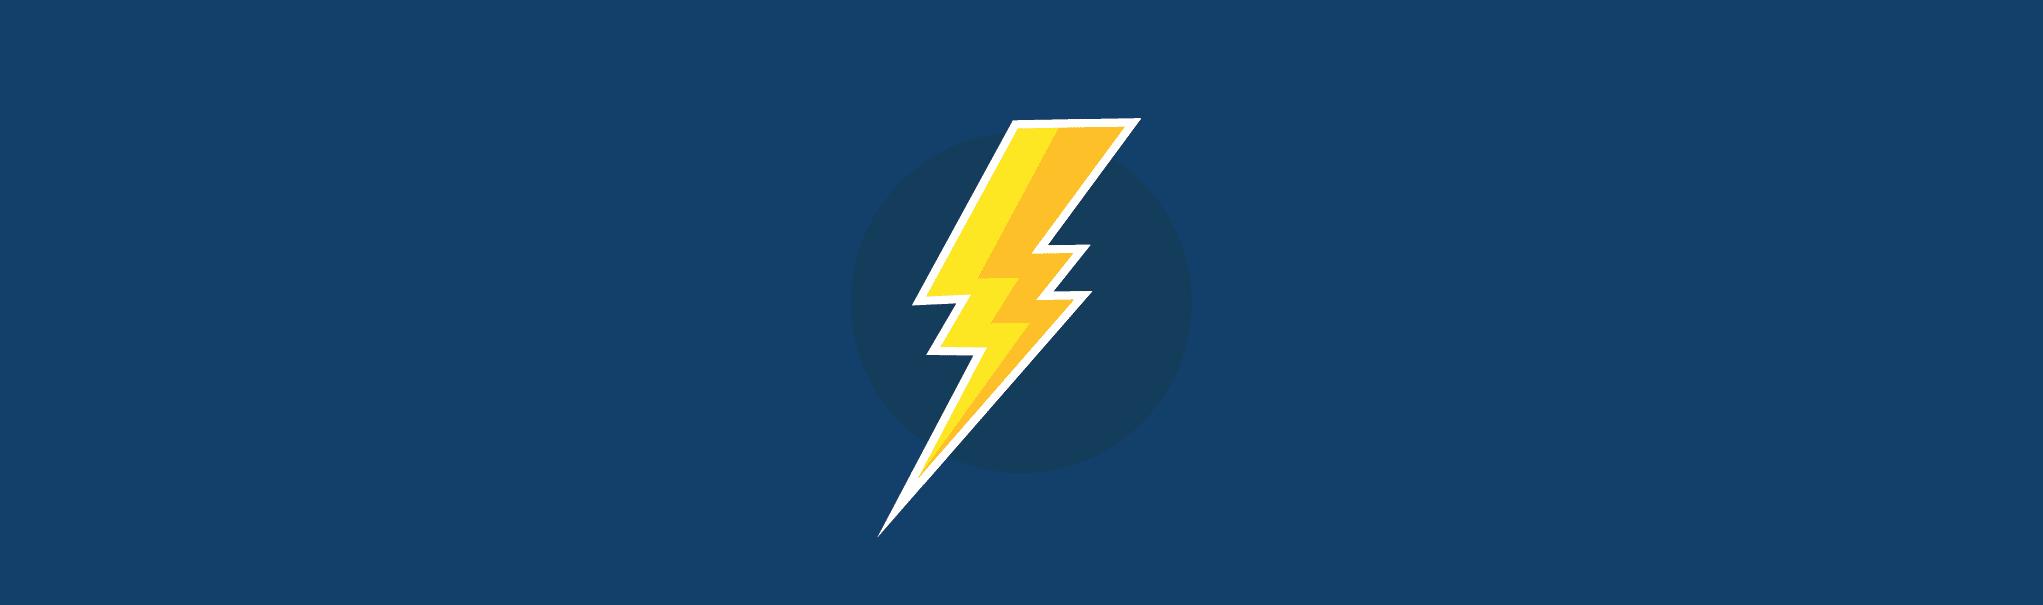 Vediamo insieme alcuni consigli per migliorare la velocità di un sito web, aspetto fondamentale per aumentarne le performance